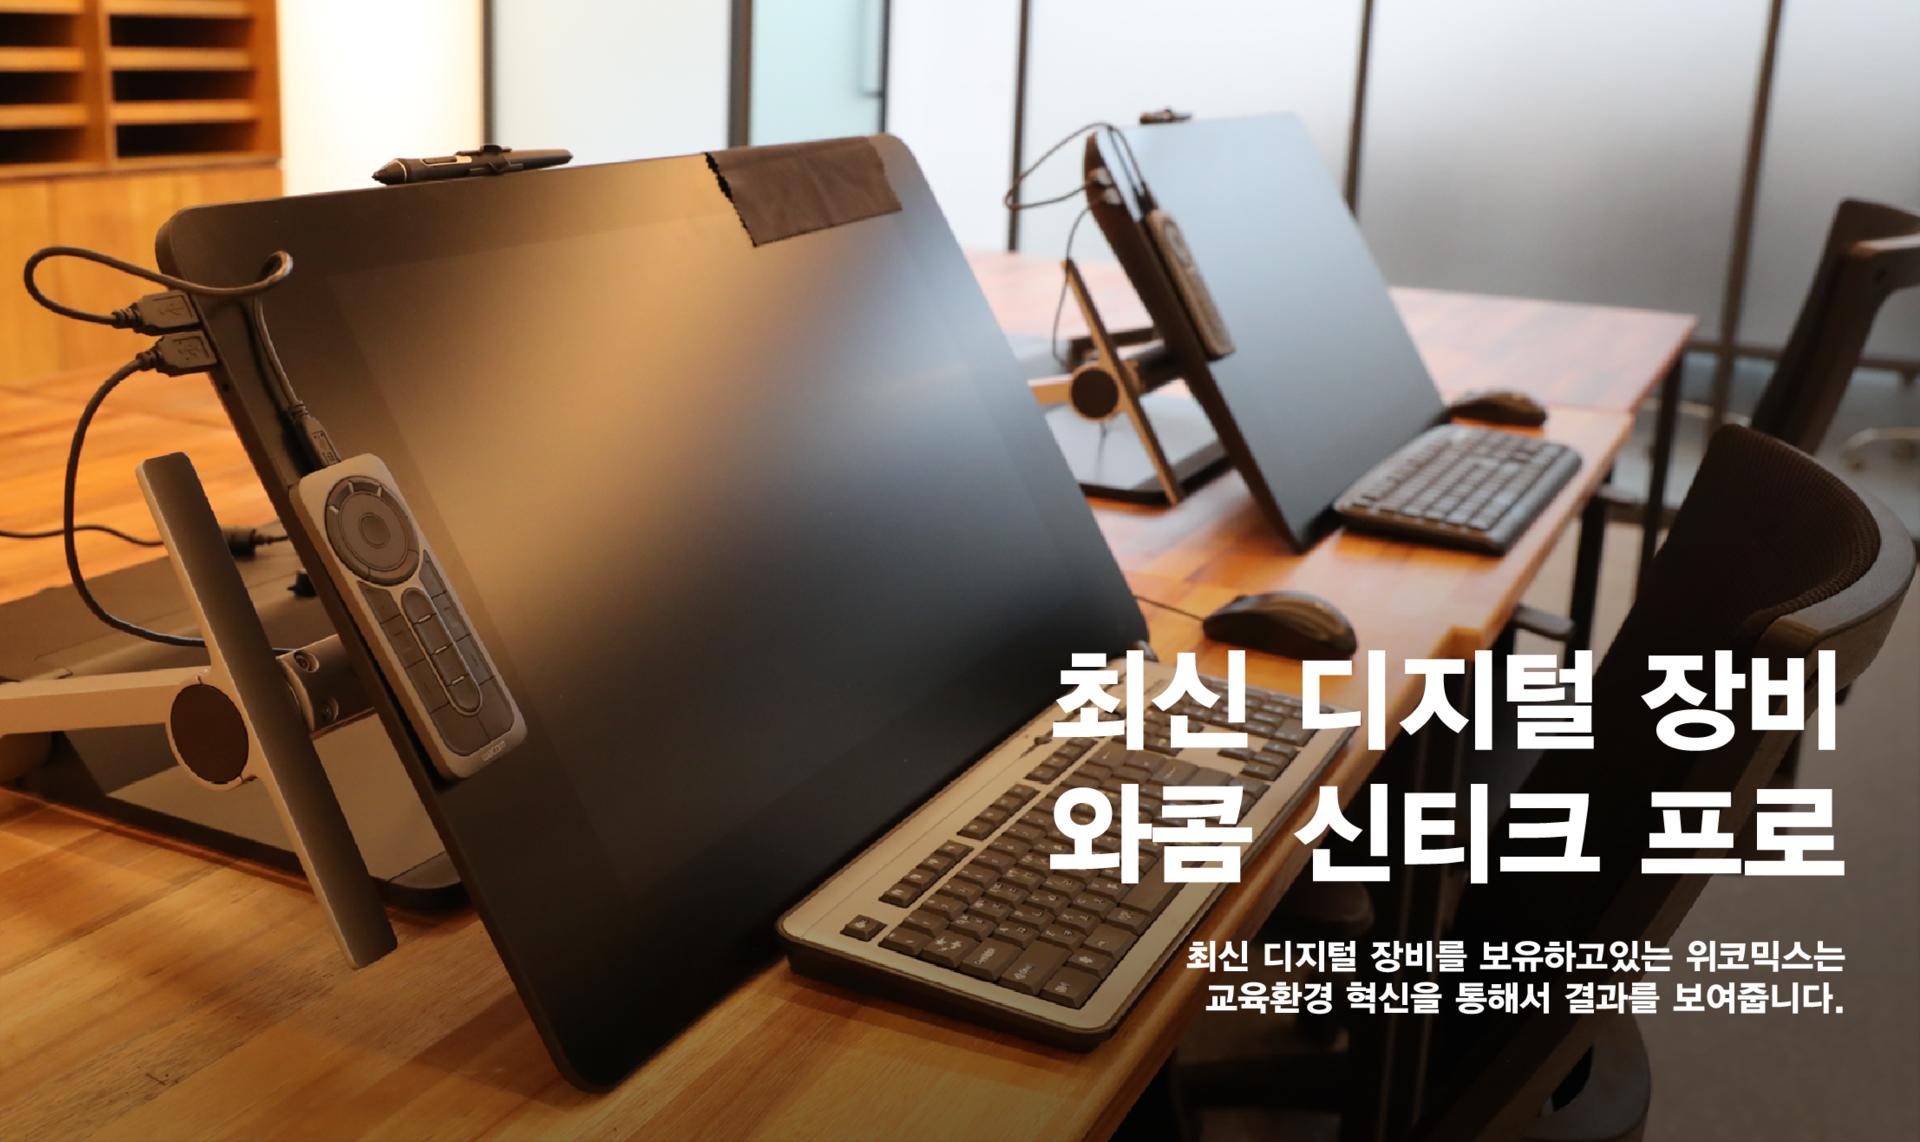 안양센터_만화학원_웹툰학원_위코믹스